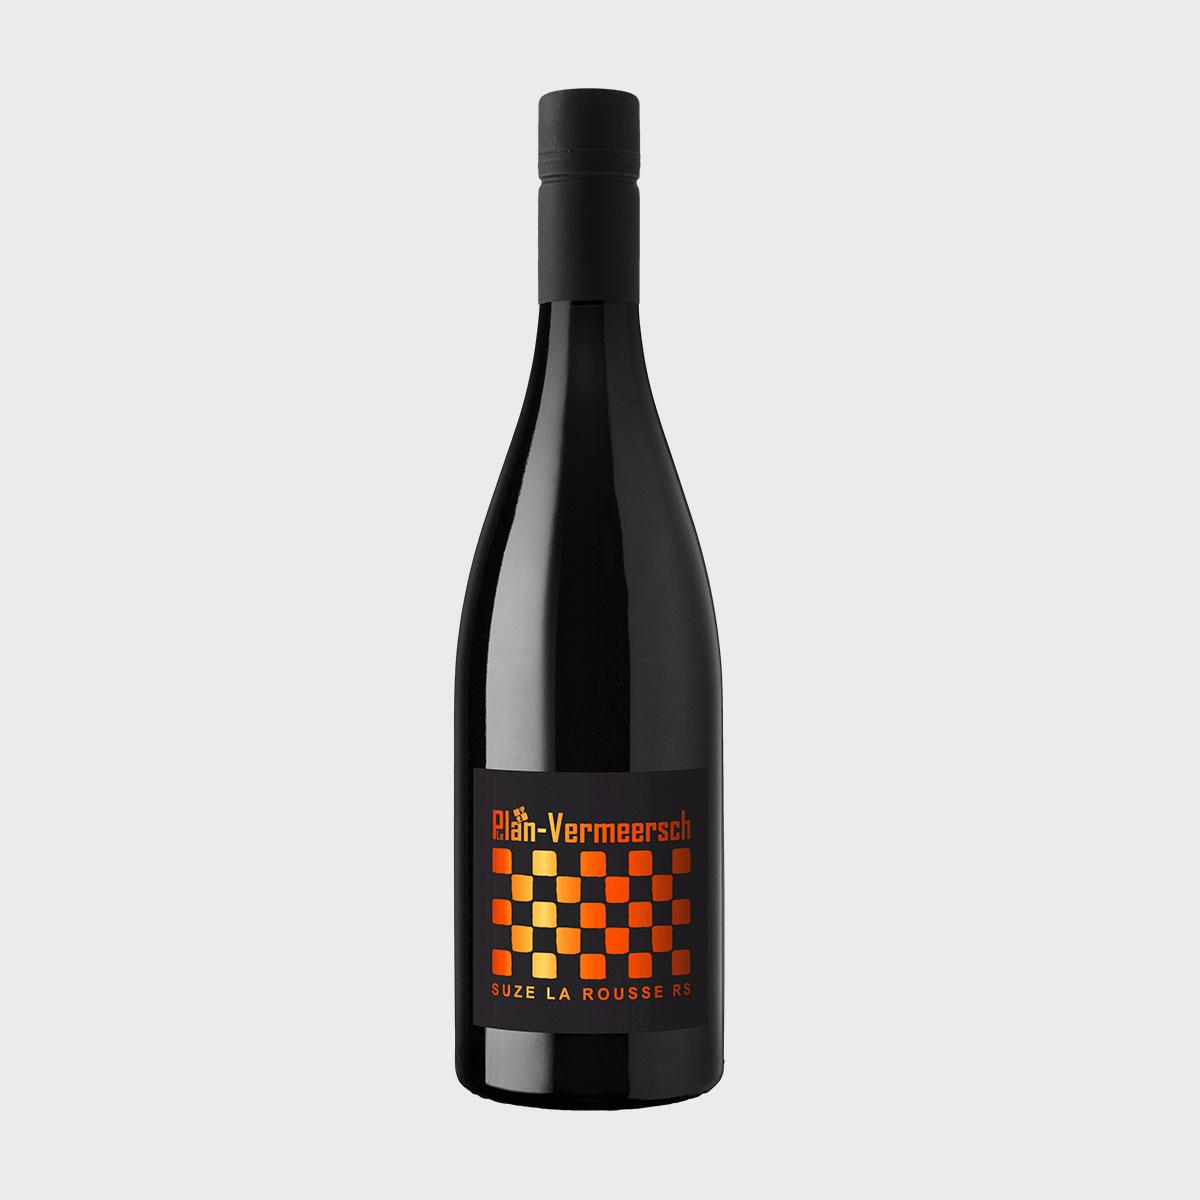 Bottle blend wine Syrah Mourvedre RS Suze LePlan-Vermeersch